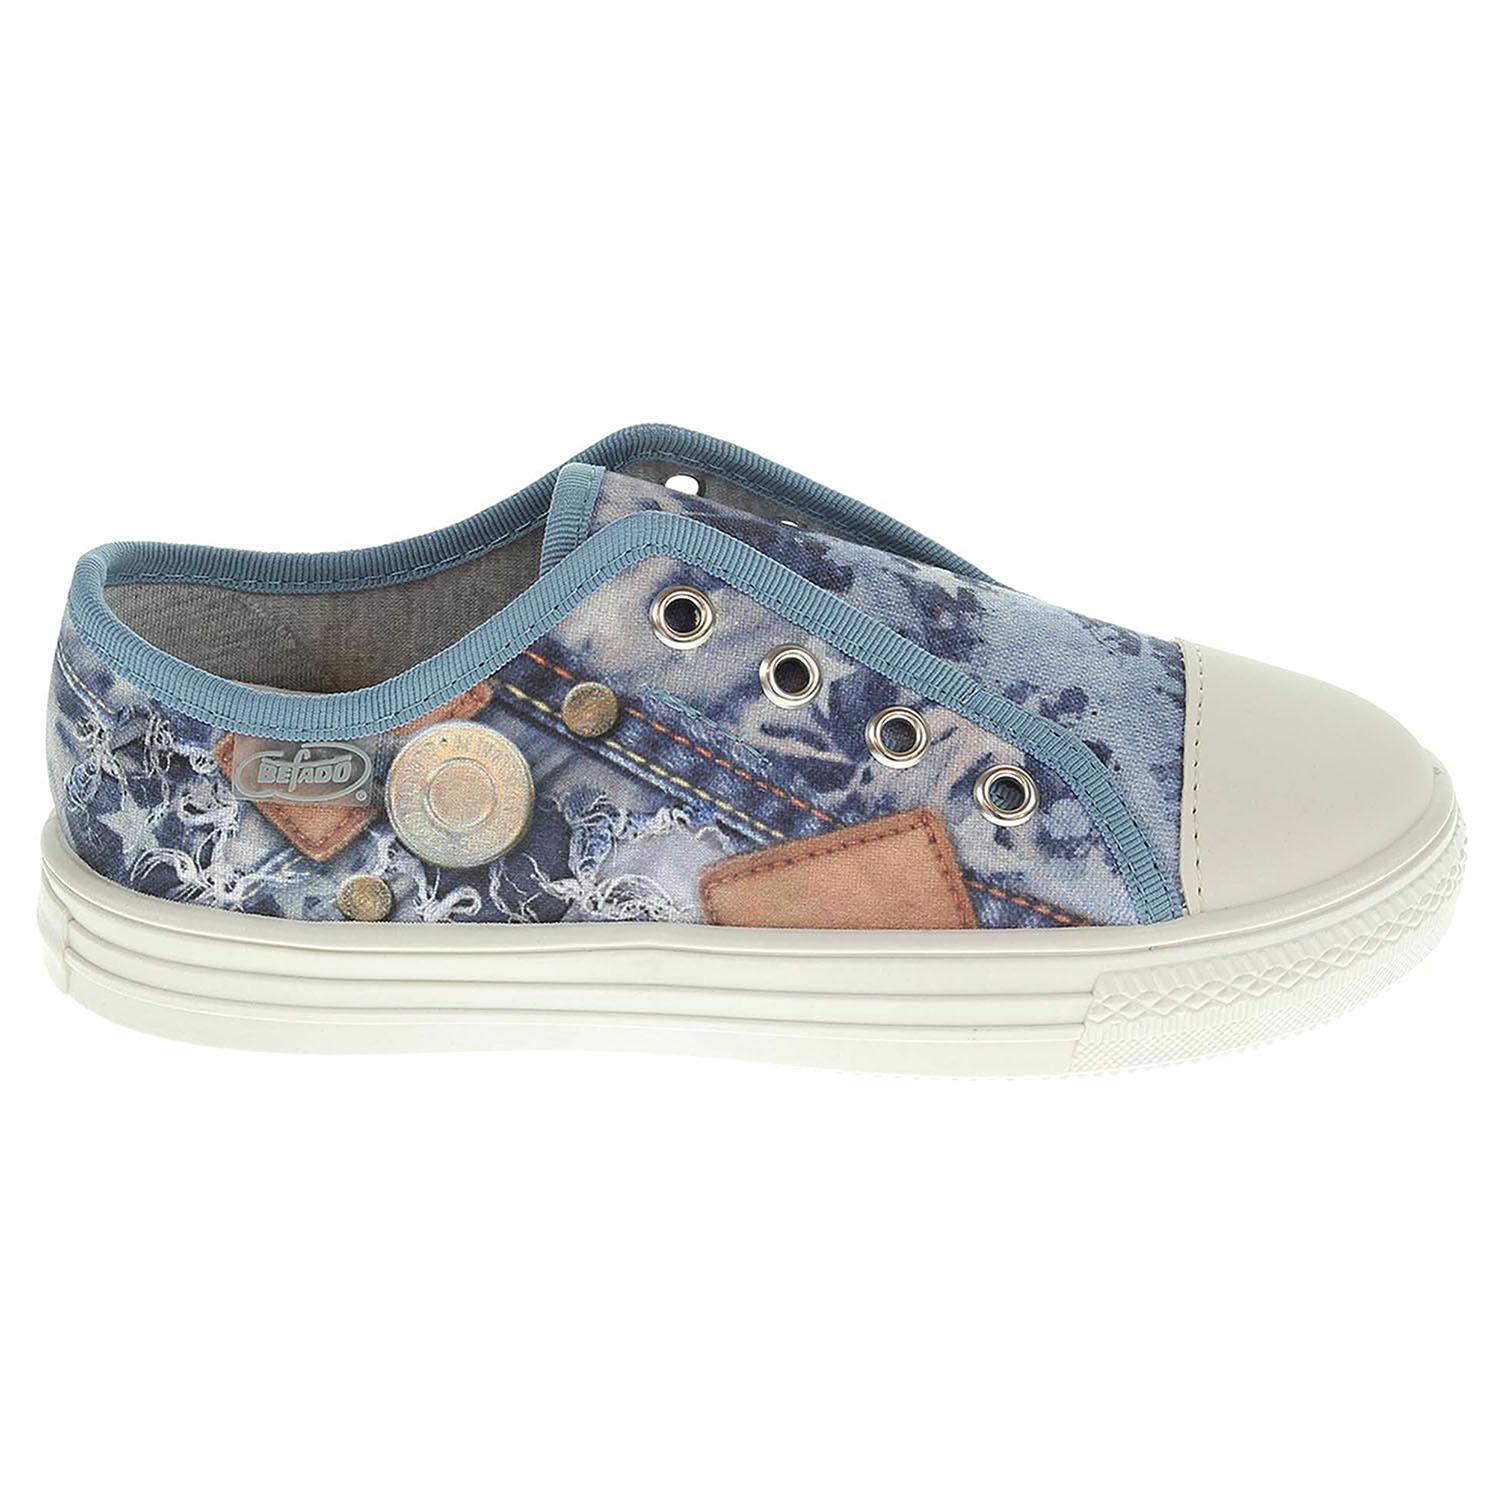 Ecco Befado chlapecká obuv 411X014 modrá 29400057